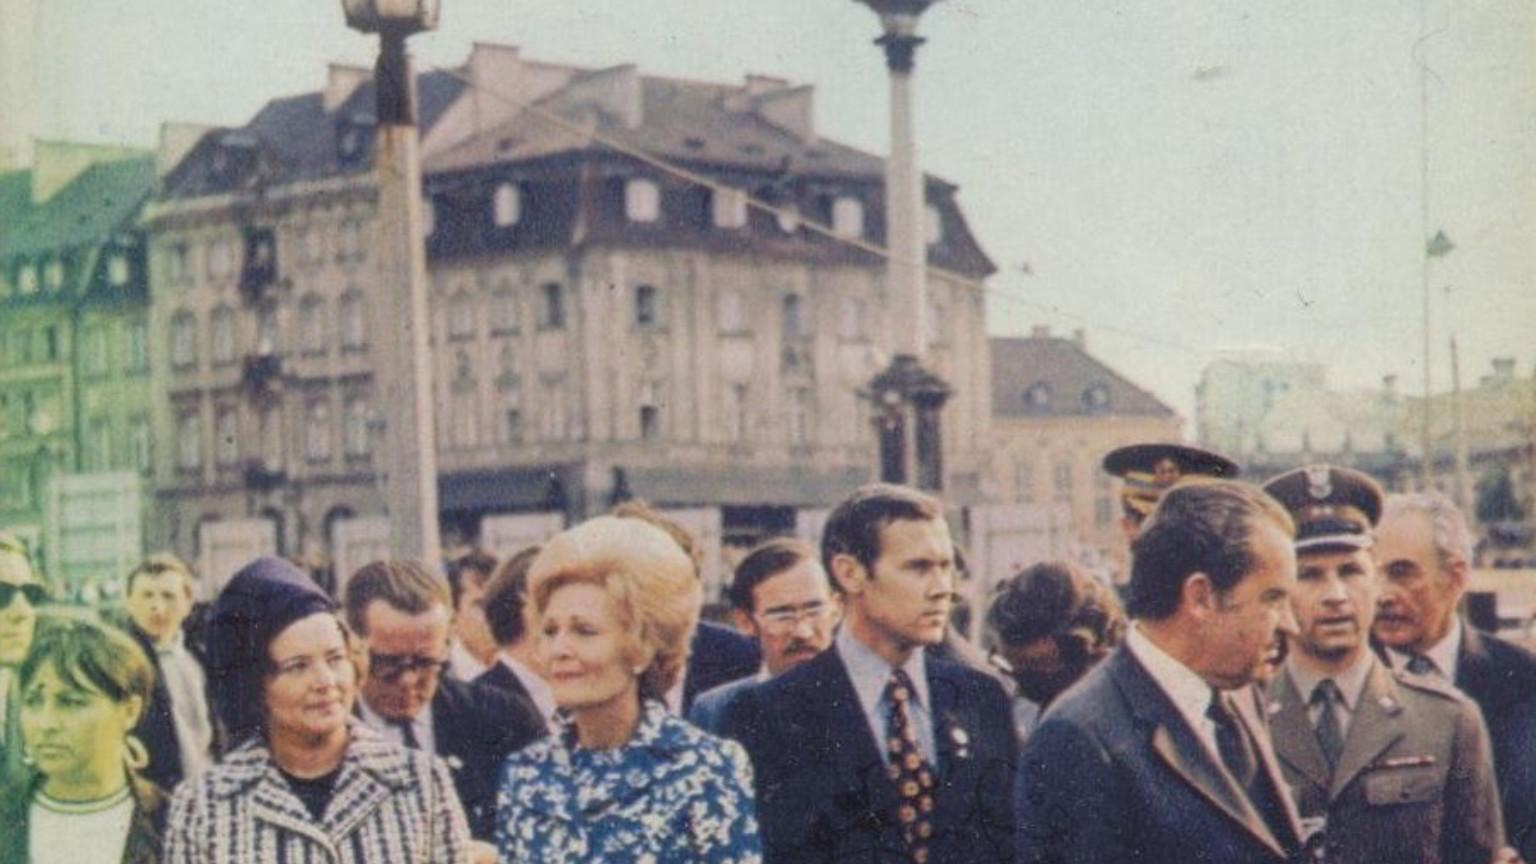 Zdjęcie dla kartki: Prezydent Nixon pod kolumną Zygmunta